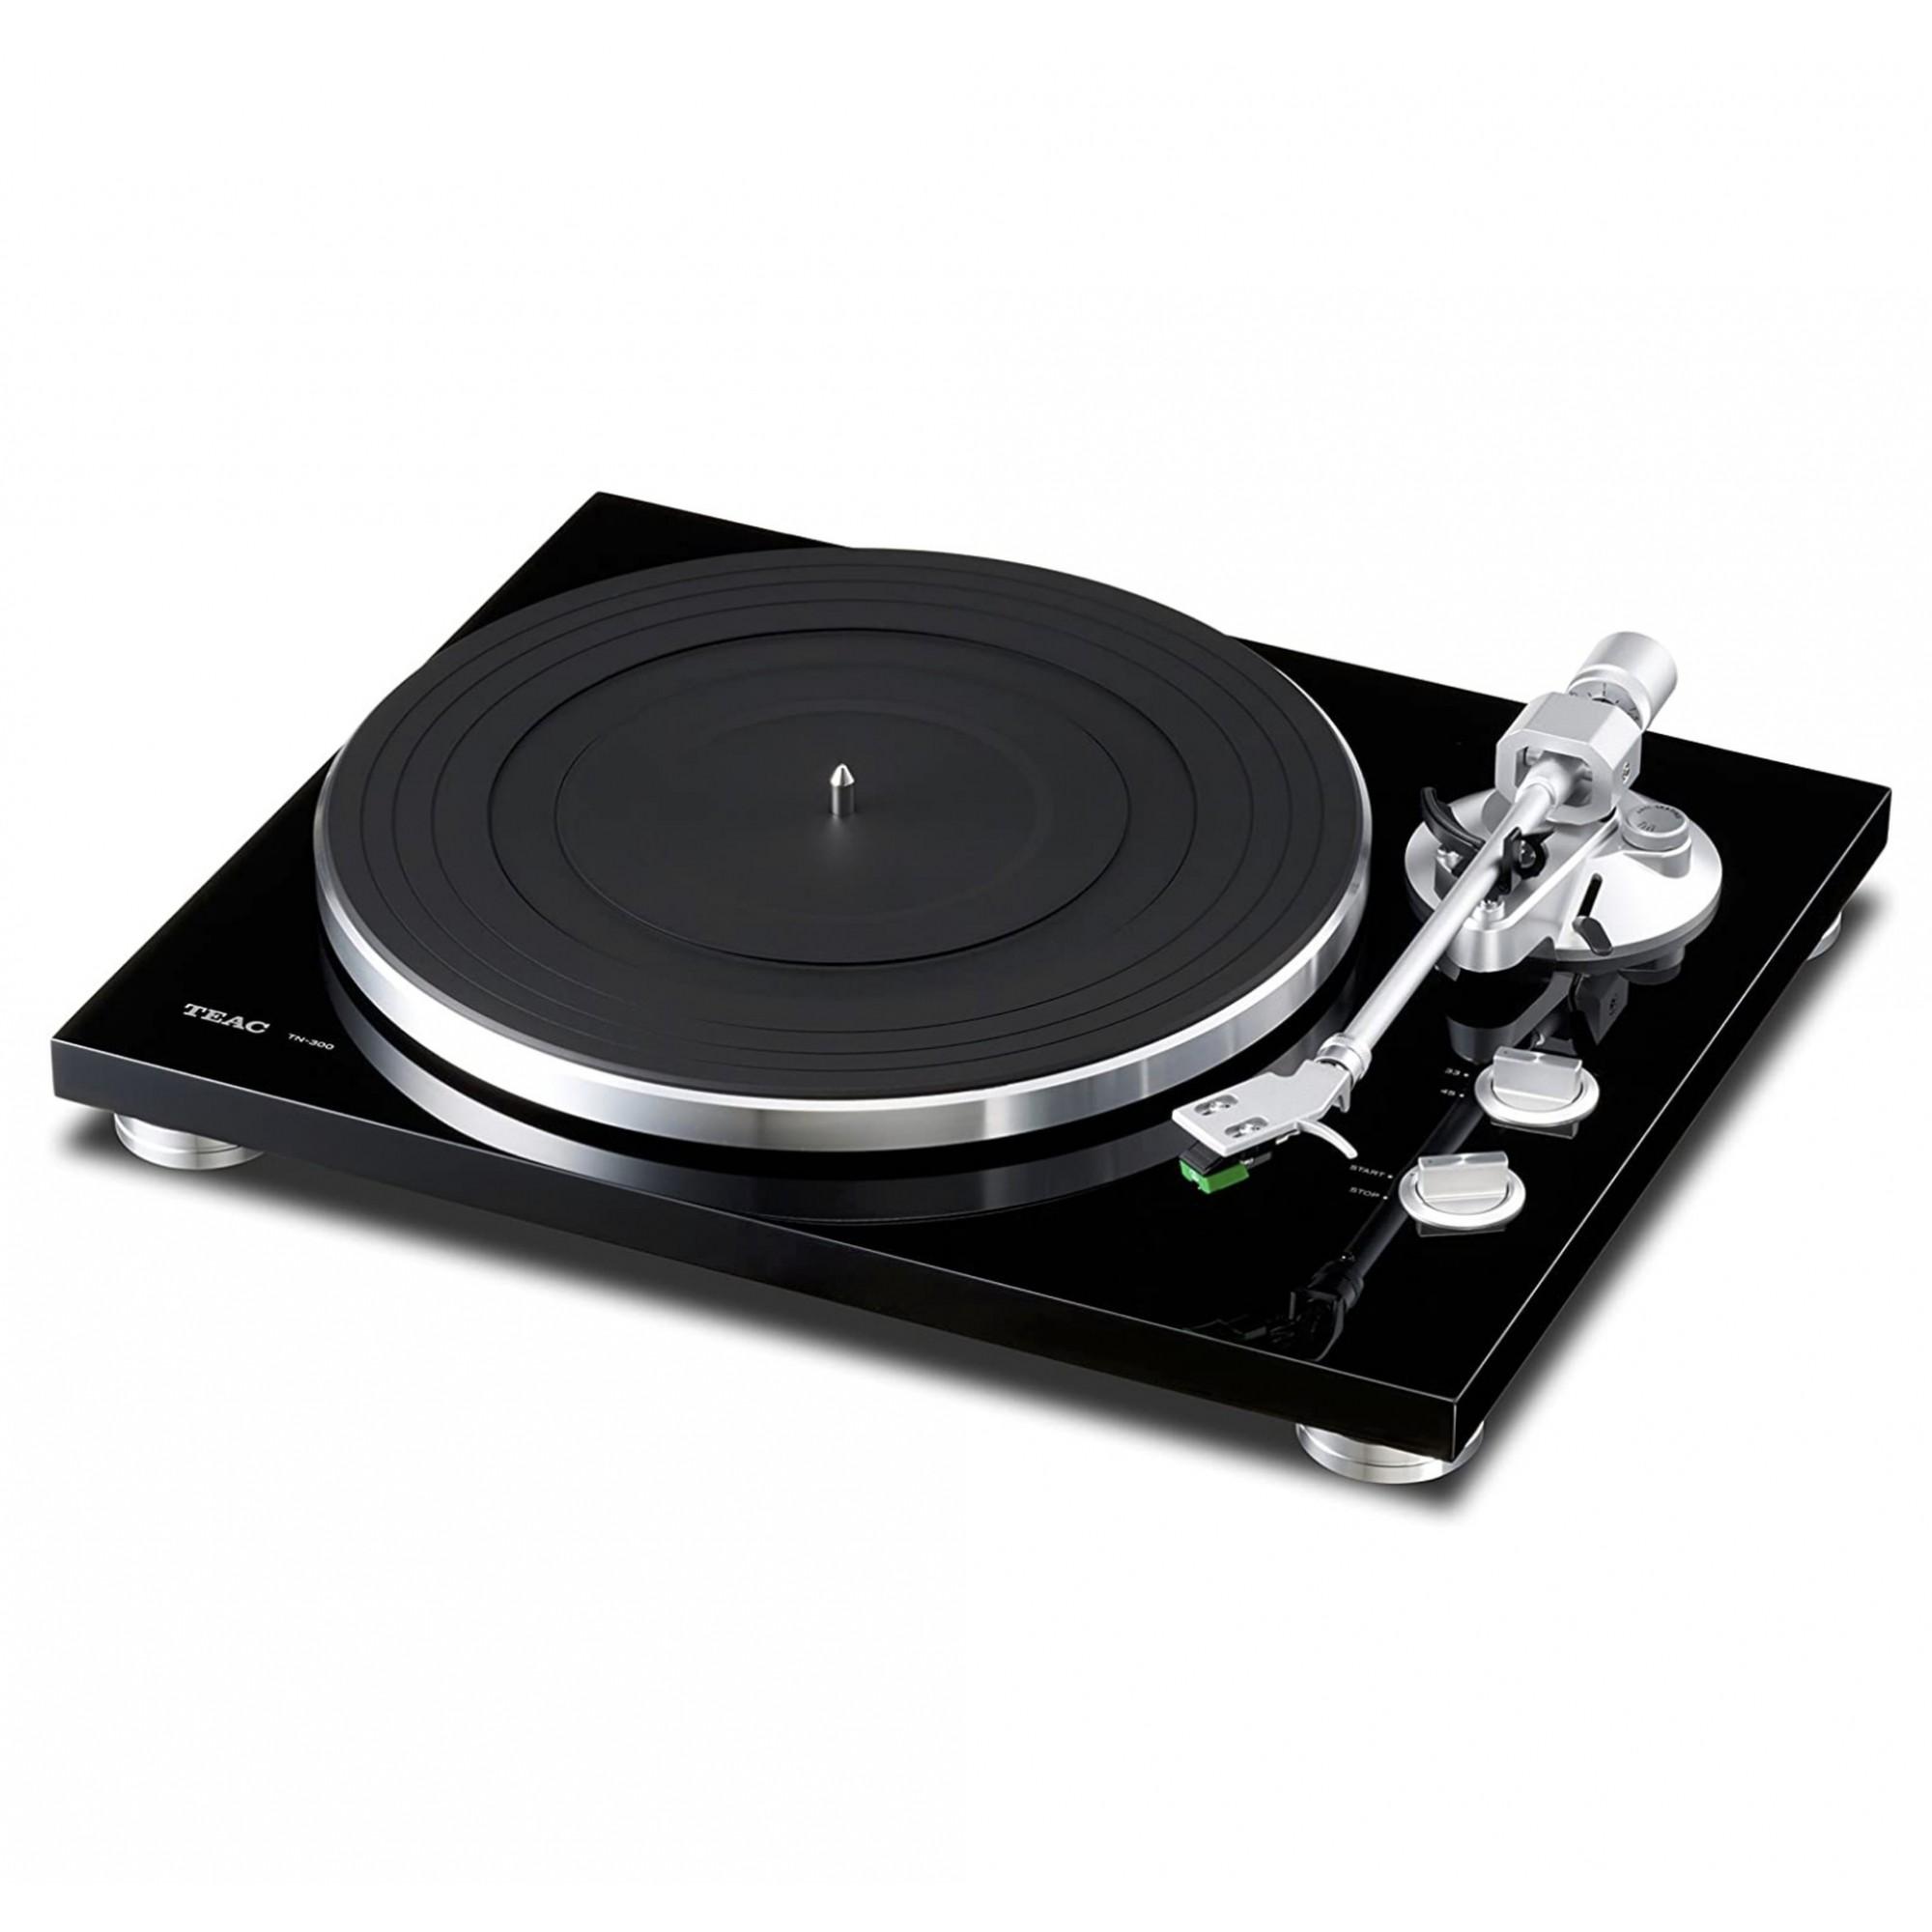 Toca Discos Teac Tn-300 Gravação Usb Cartucho Audio Technica - Preto